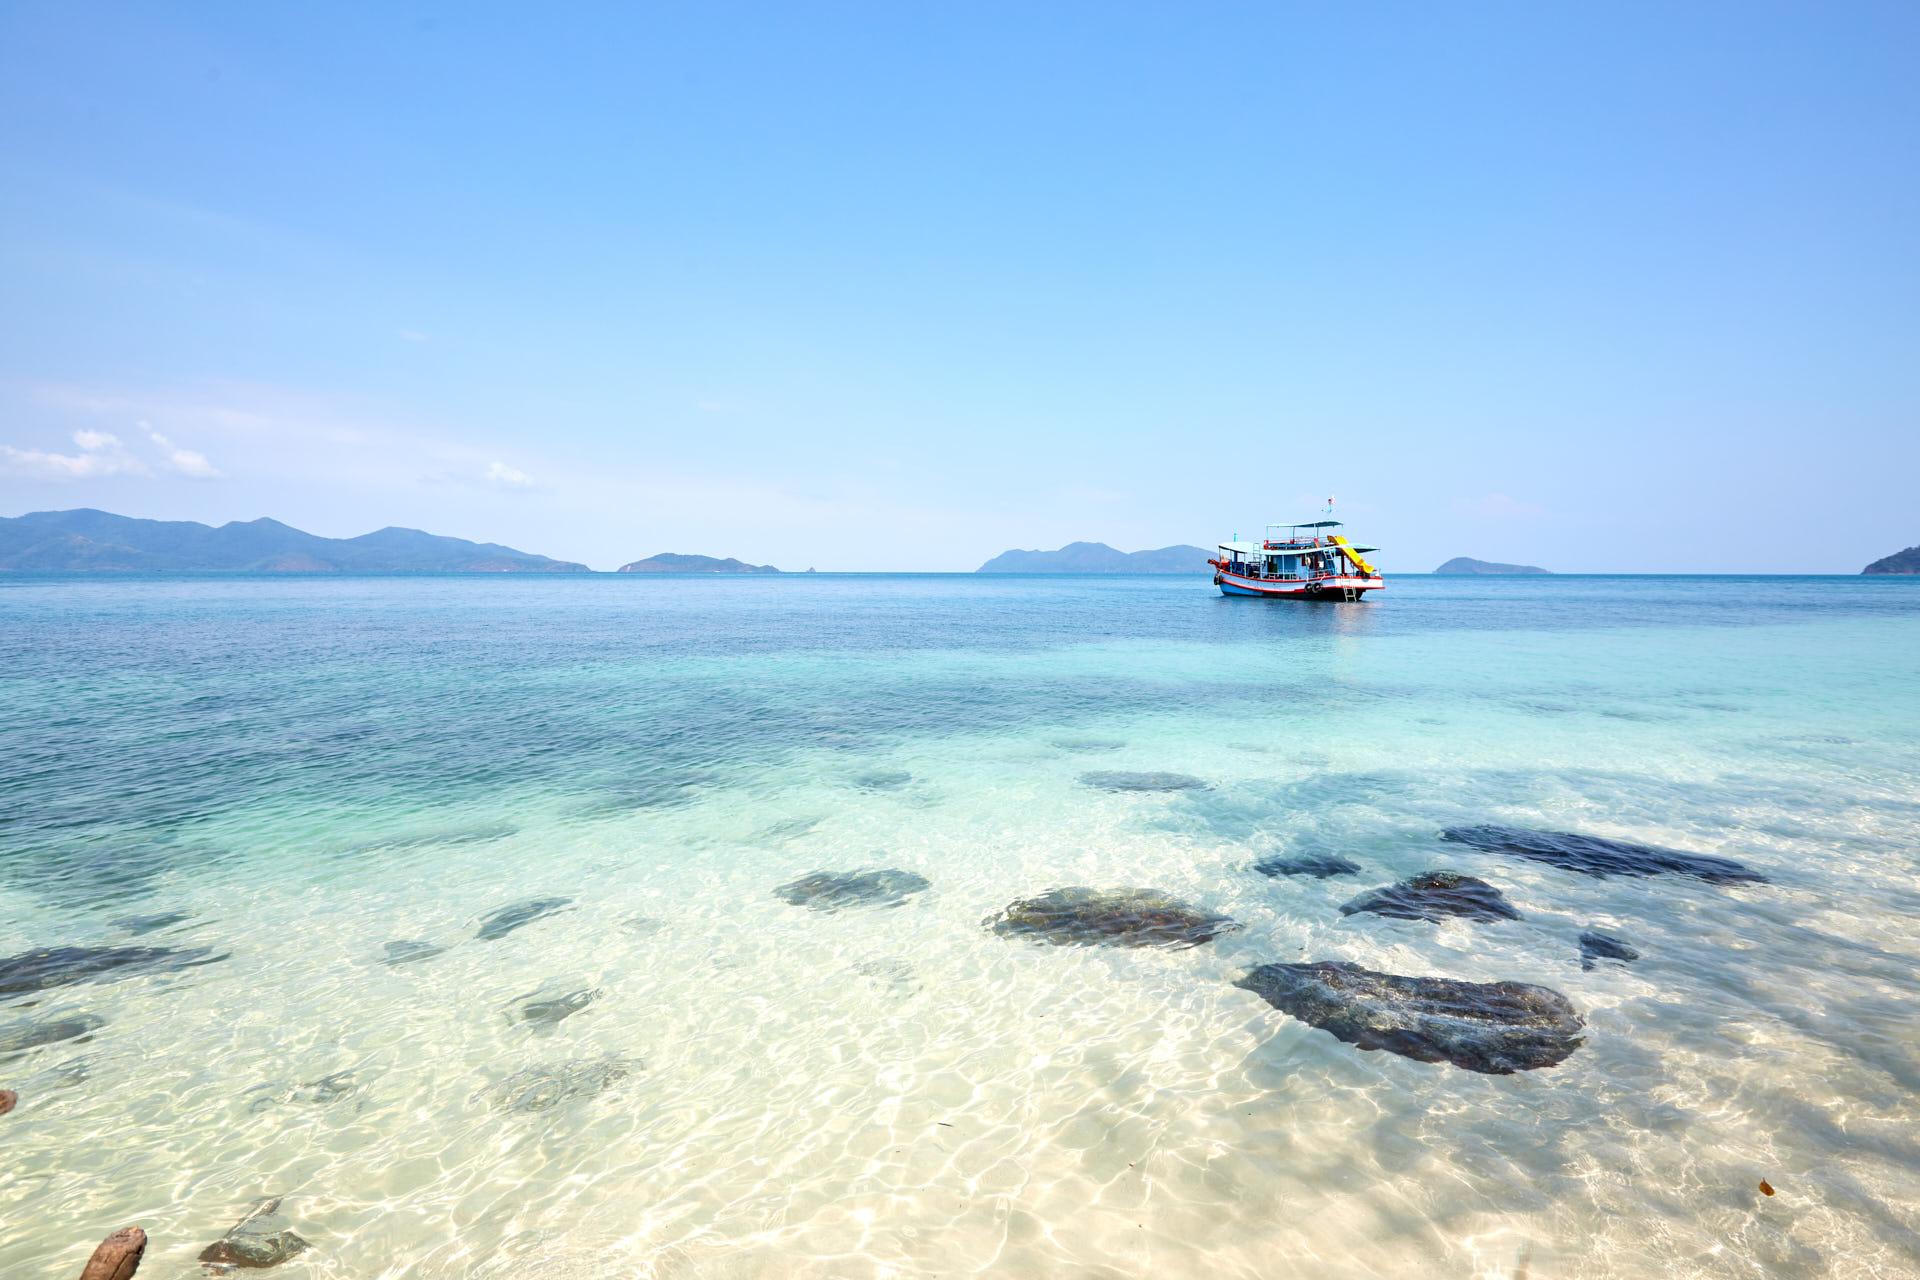 Un bateau dans l'eau turquoise